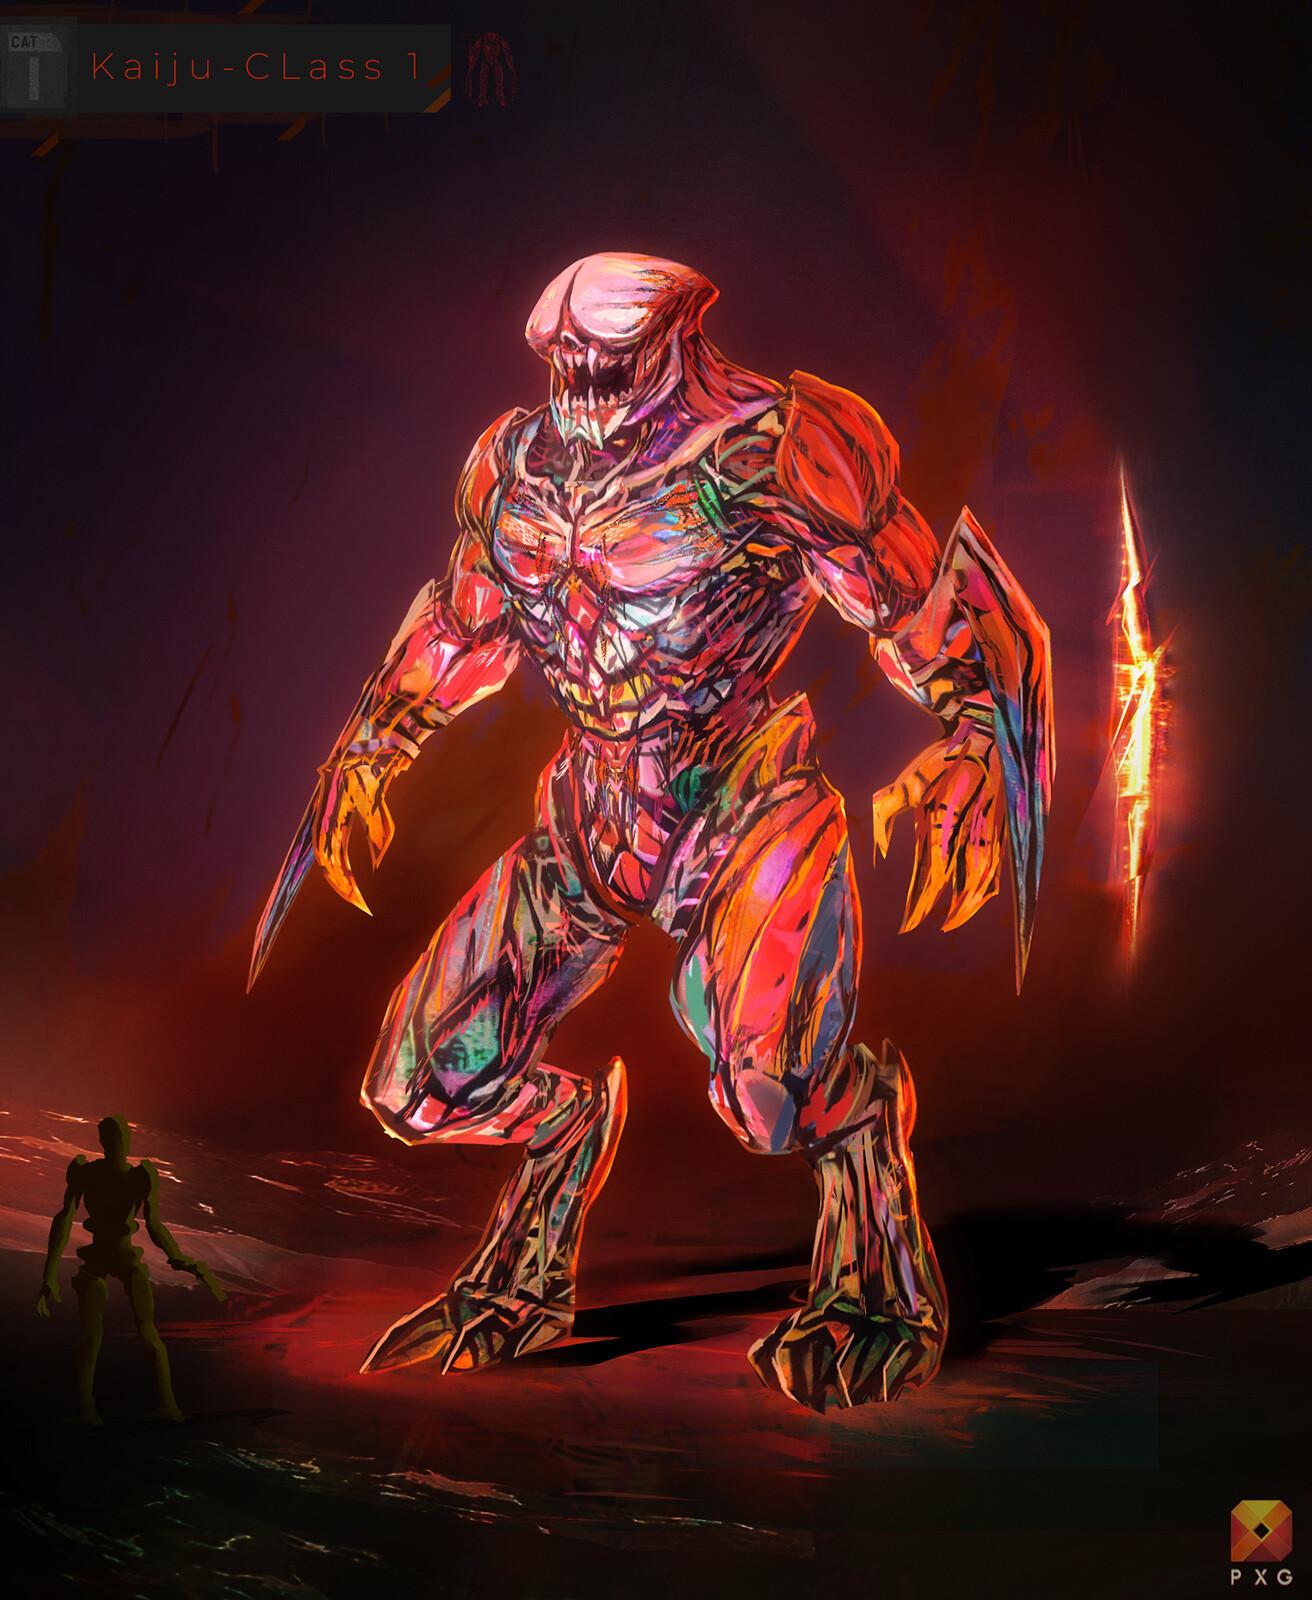 Kaiju [Class 1]